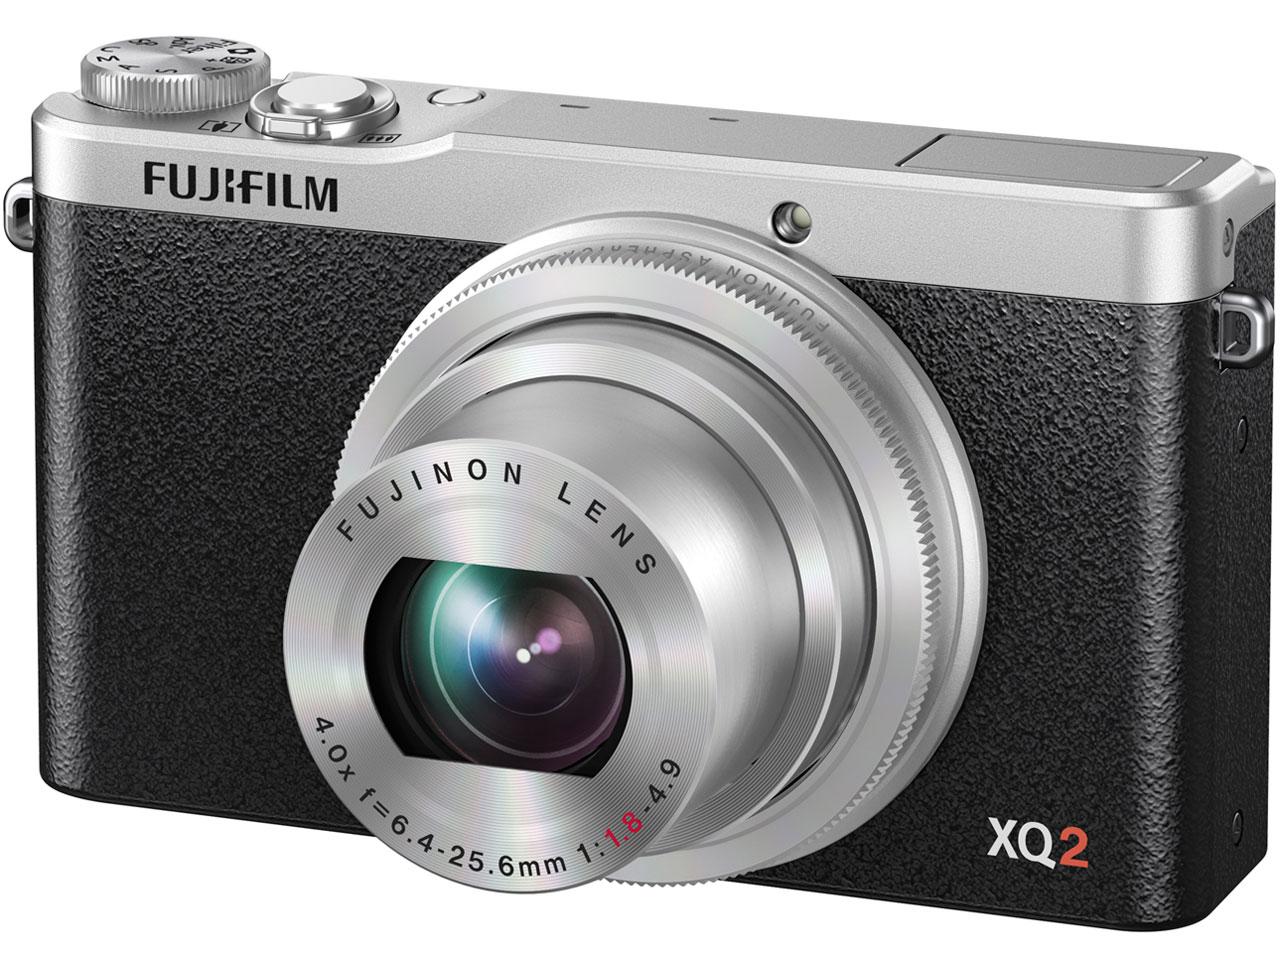 FUJIFILM XQ2 [シルバー] の製品画像